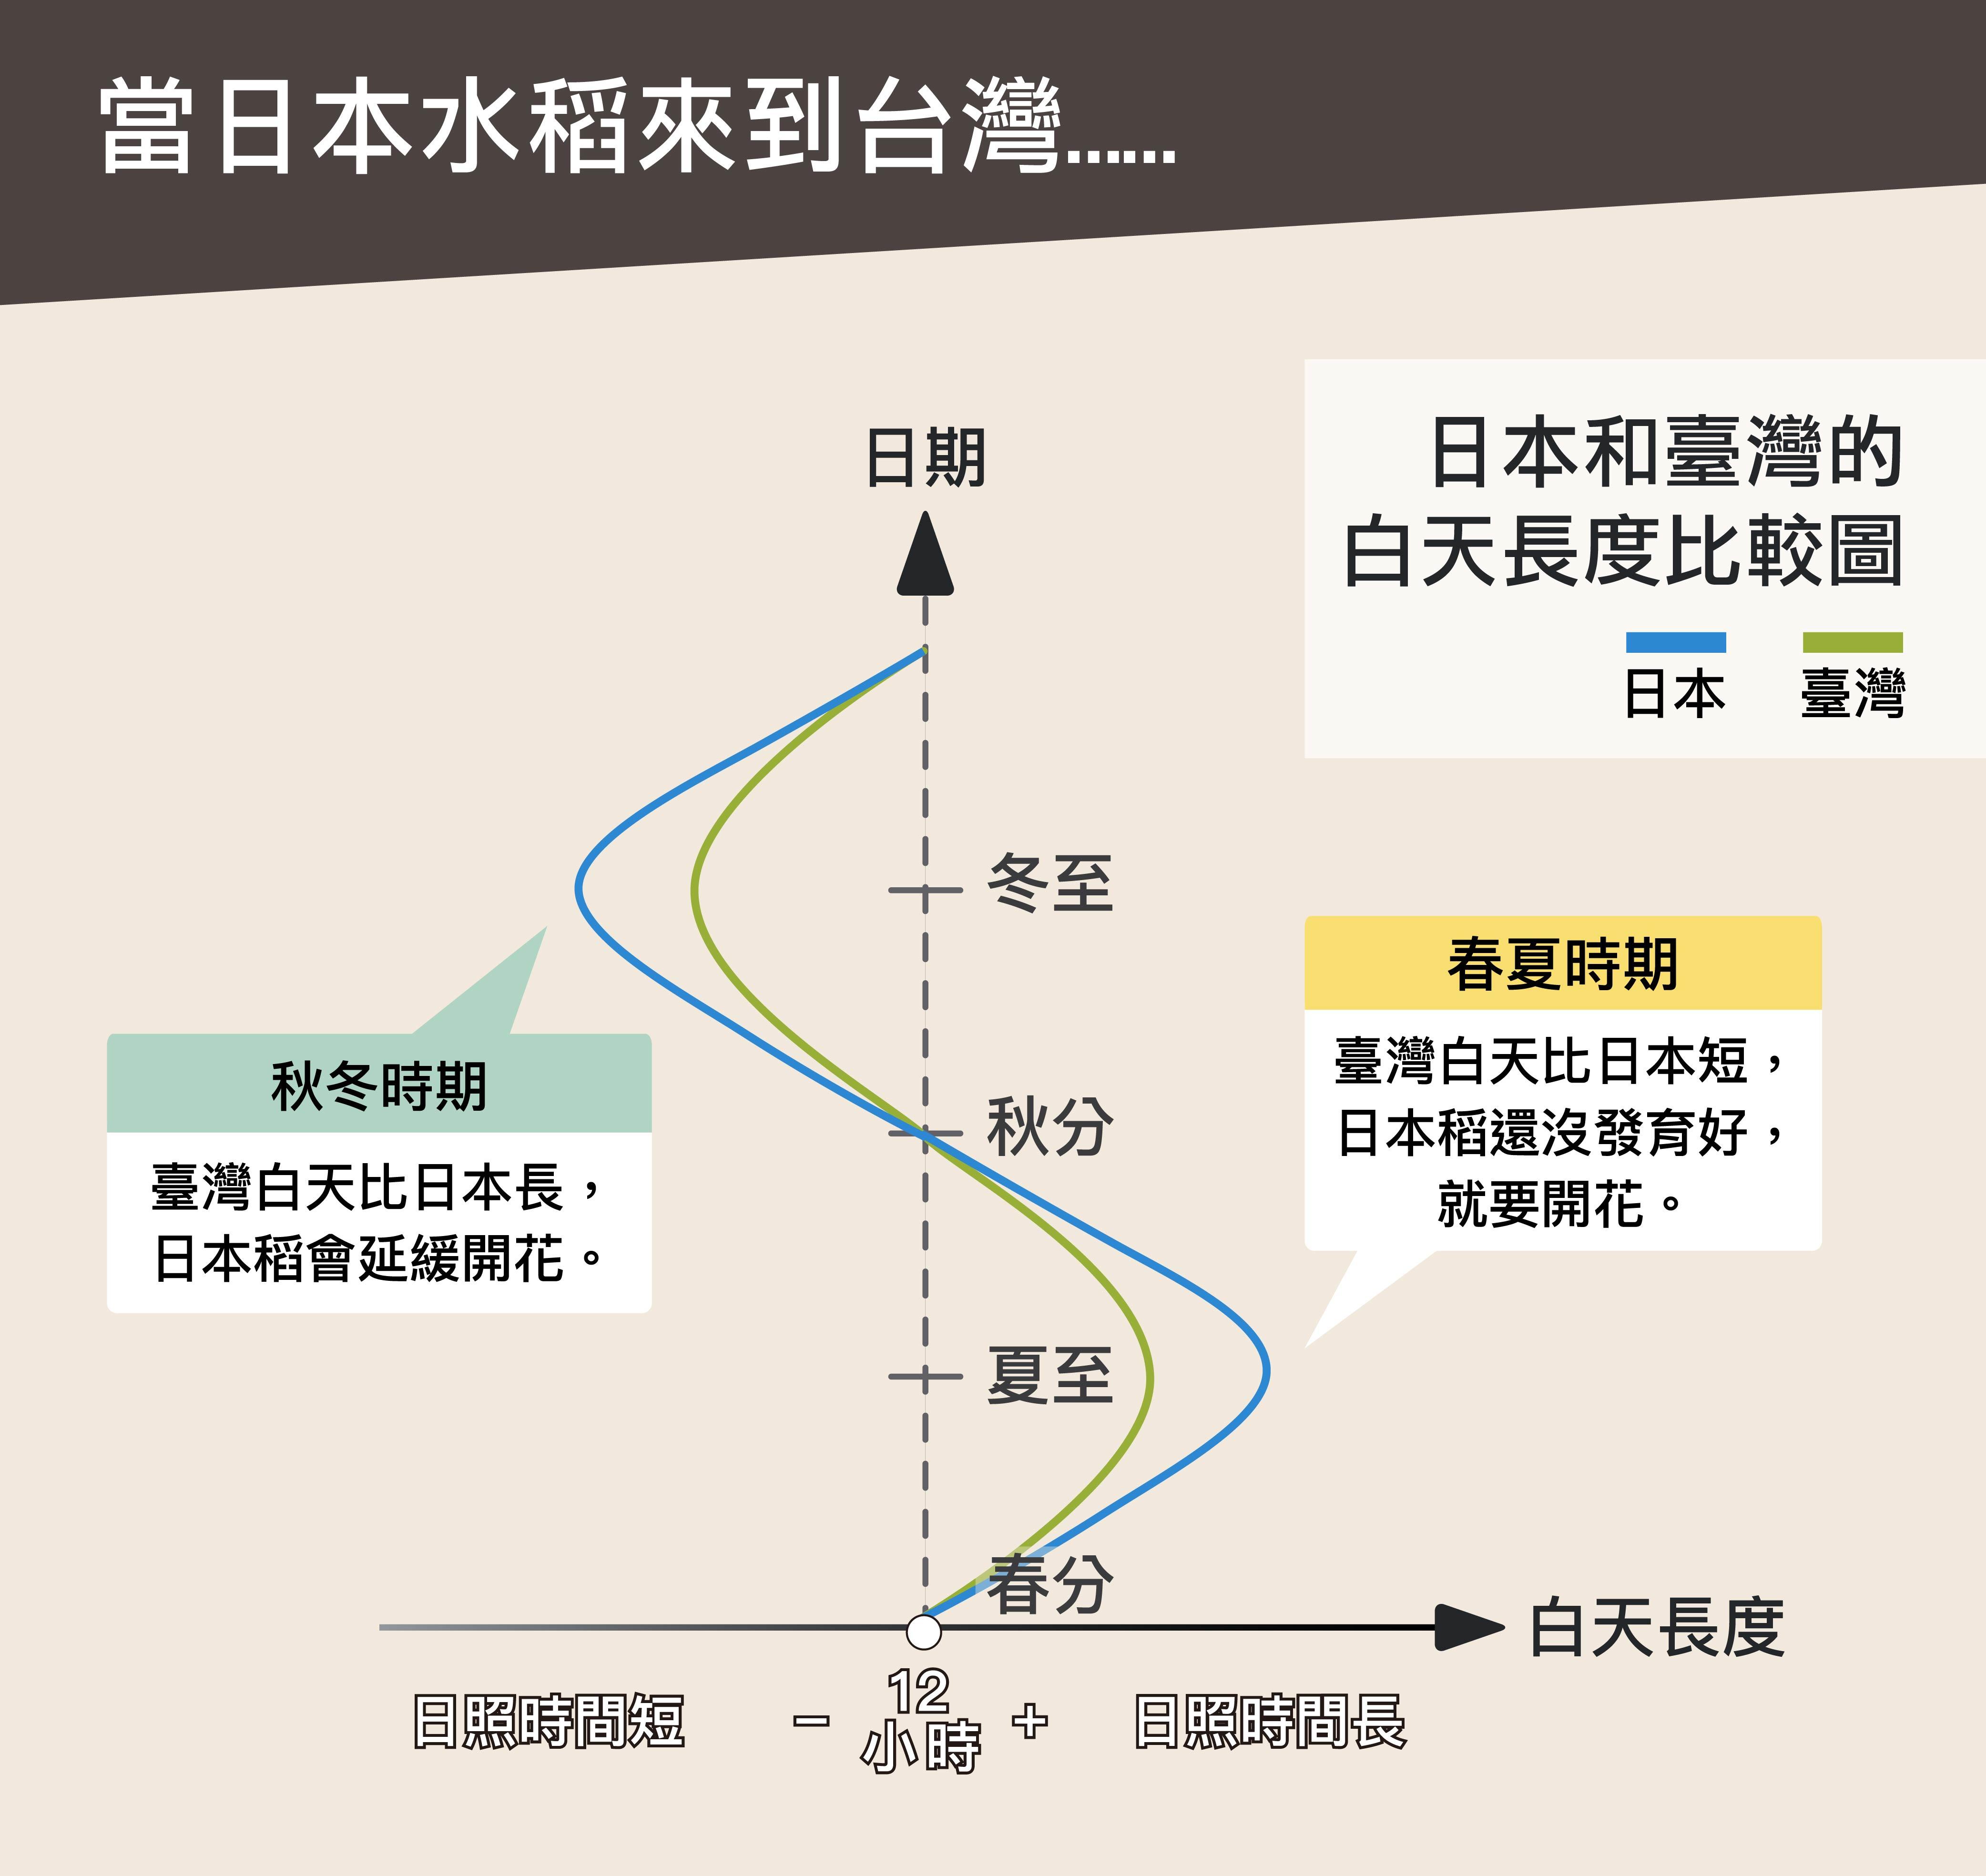 日本來的水稻在緯度較低的臺灣種植,春、夏稻子尚未發育完全就提早抽穗,秋、冬又會延遲抽穗,一年只有一穫,品質也不好。圖說設計│黃曉君、林洵安